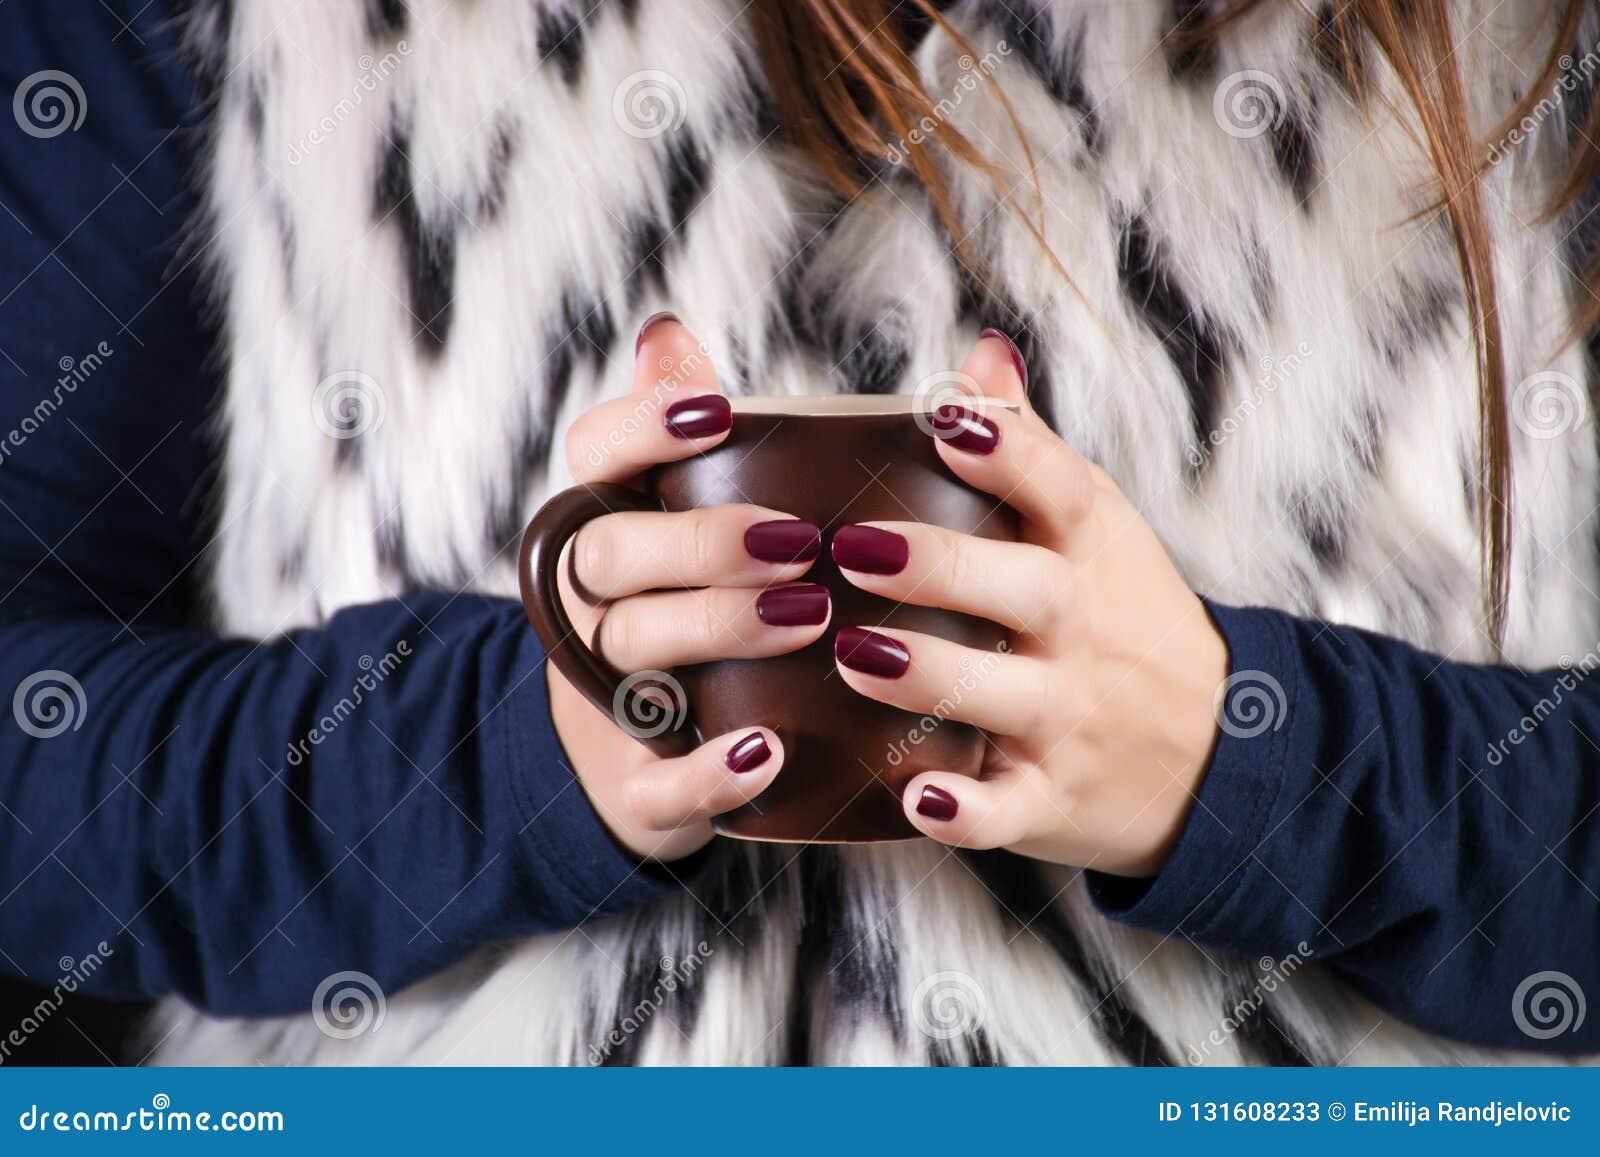 Taza De La Tenencia De La Mujer De Café A Disposición Con El